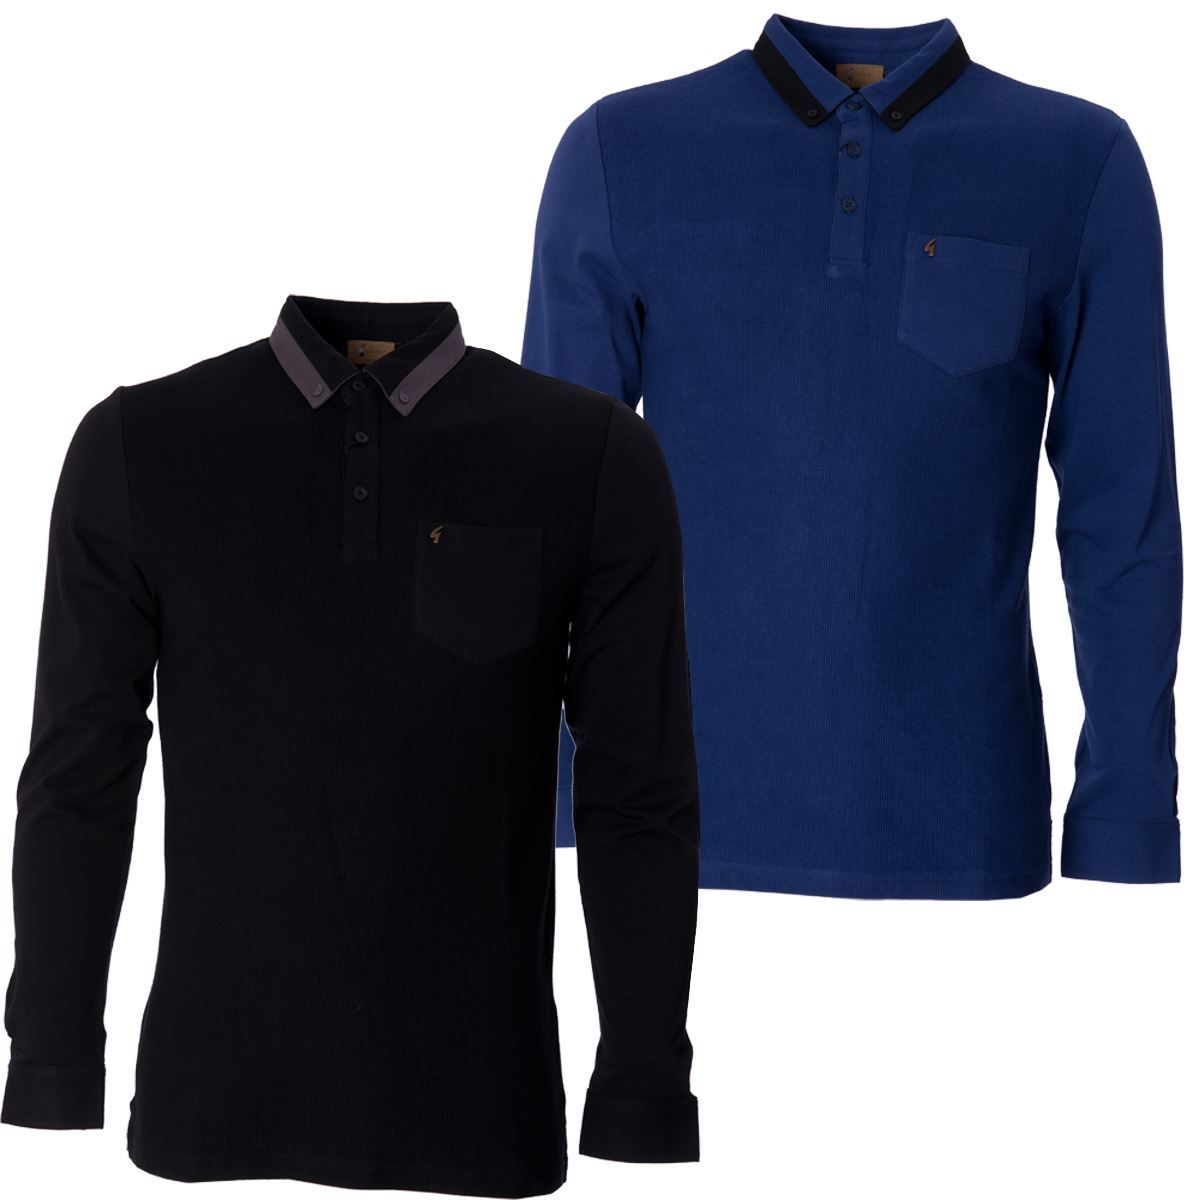 Gabicci mens polo shirt button down collared long sleeve for Mens long sleeve collared polo shirts